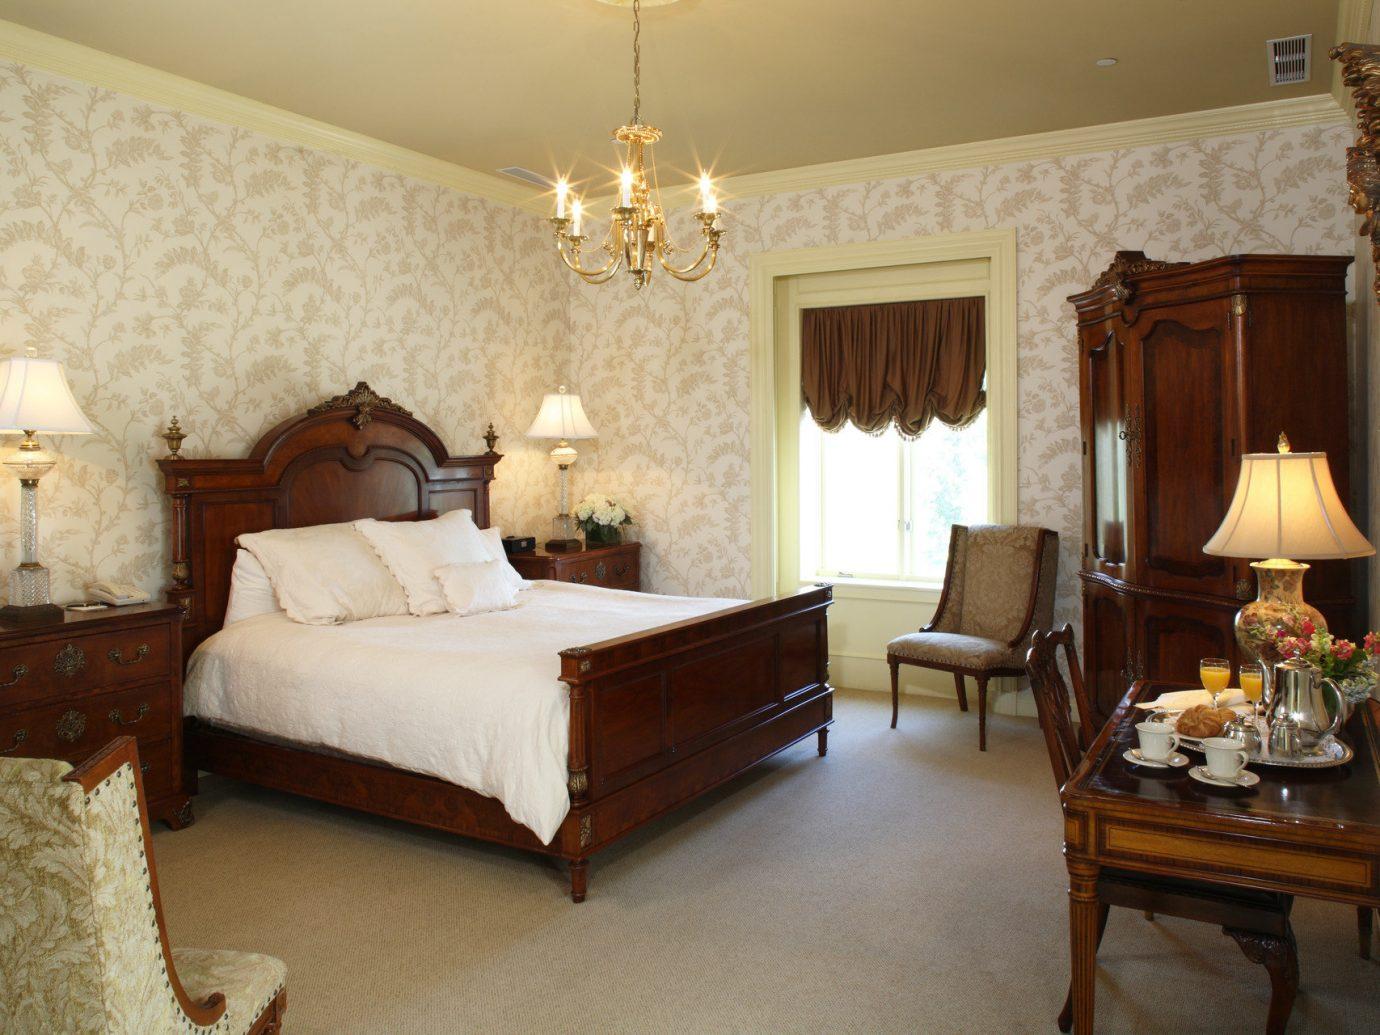 Hotels indoor floor wall room property Bedroom bed estate Suite cottage home living room interior design Villa real estate mansion farmhouse furniture area